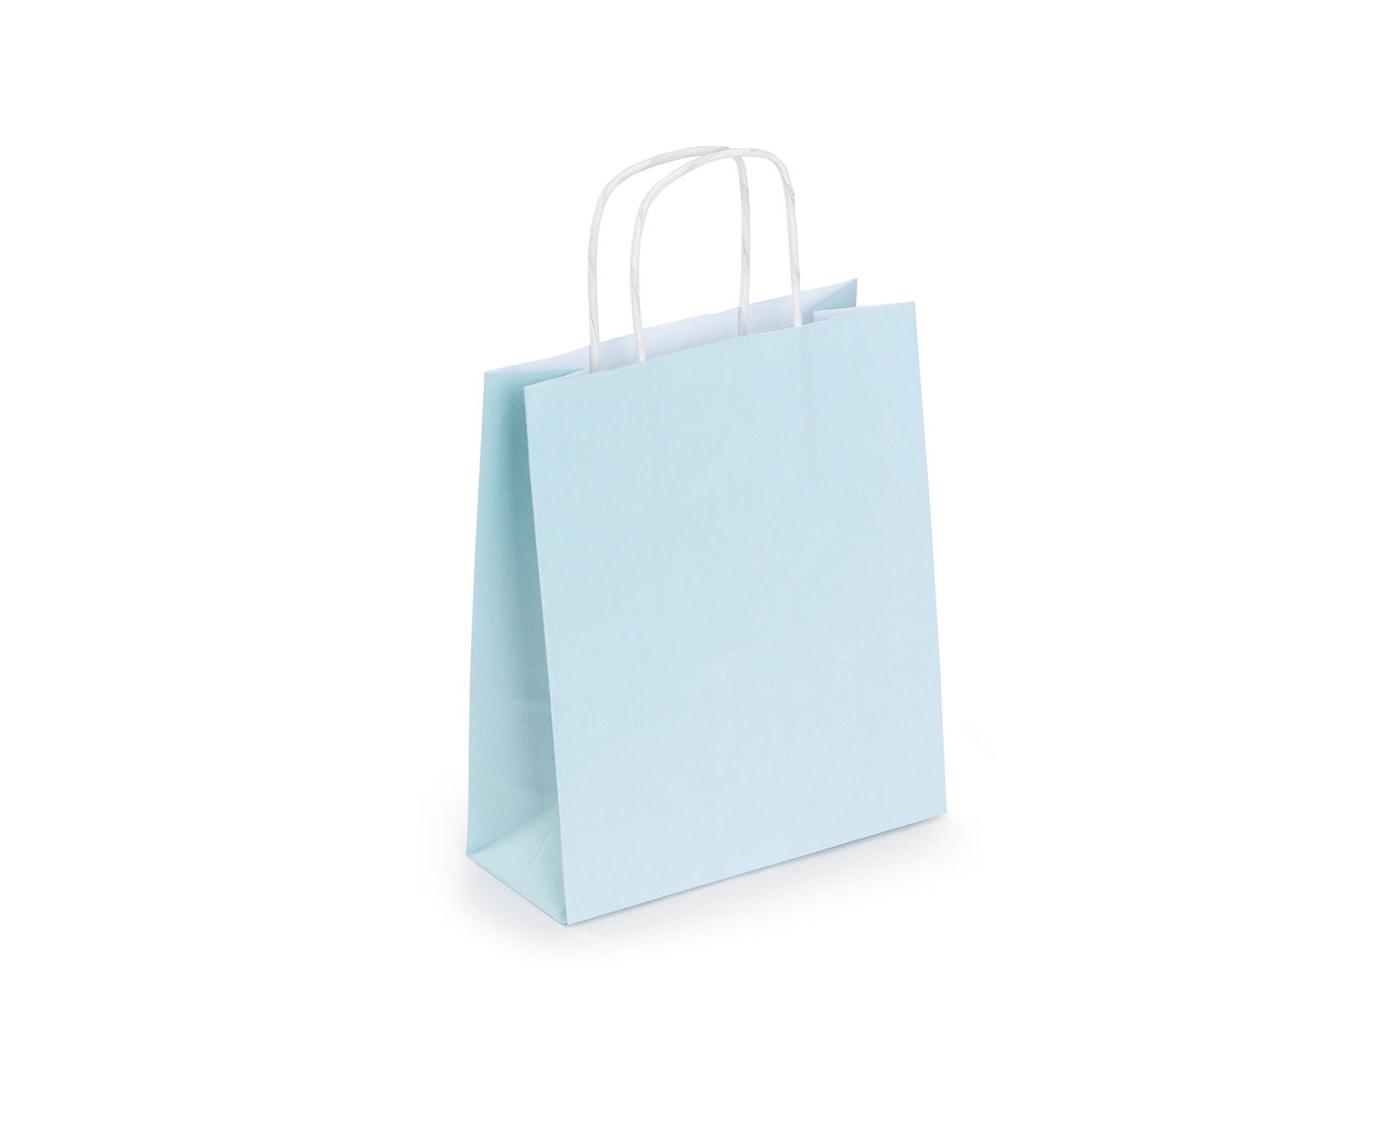 Torba papierowa kraft, jasno niebieska ze skręcanymi uchwytami